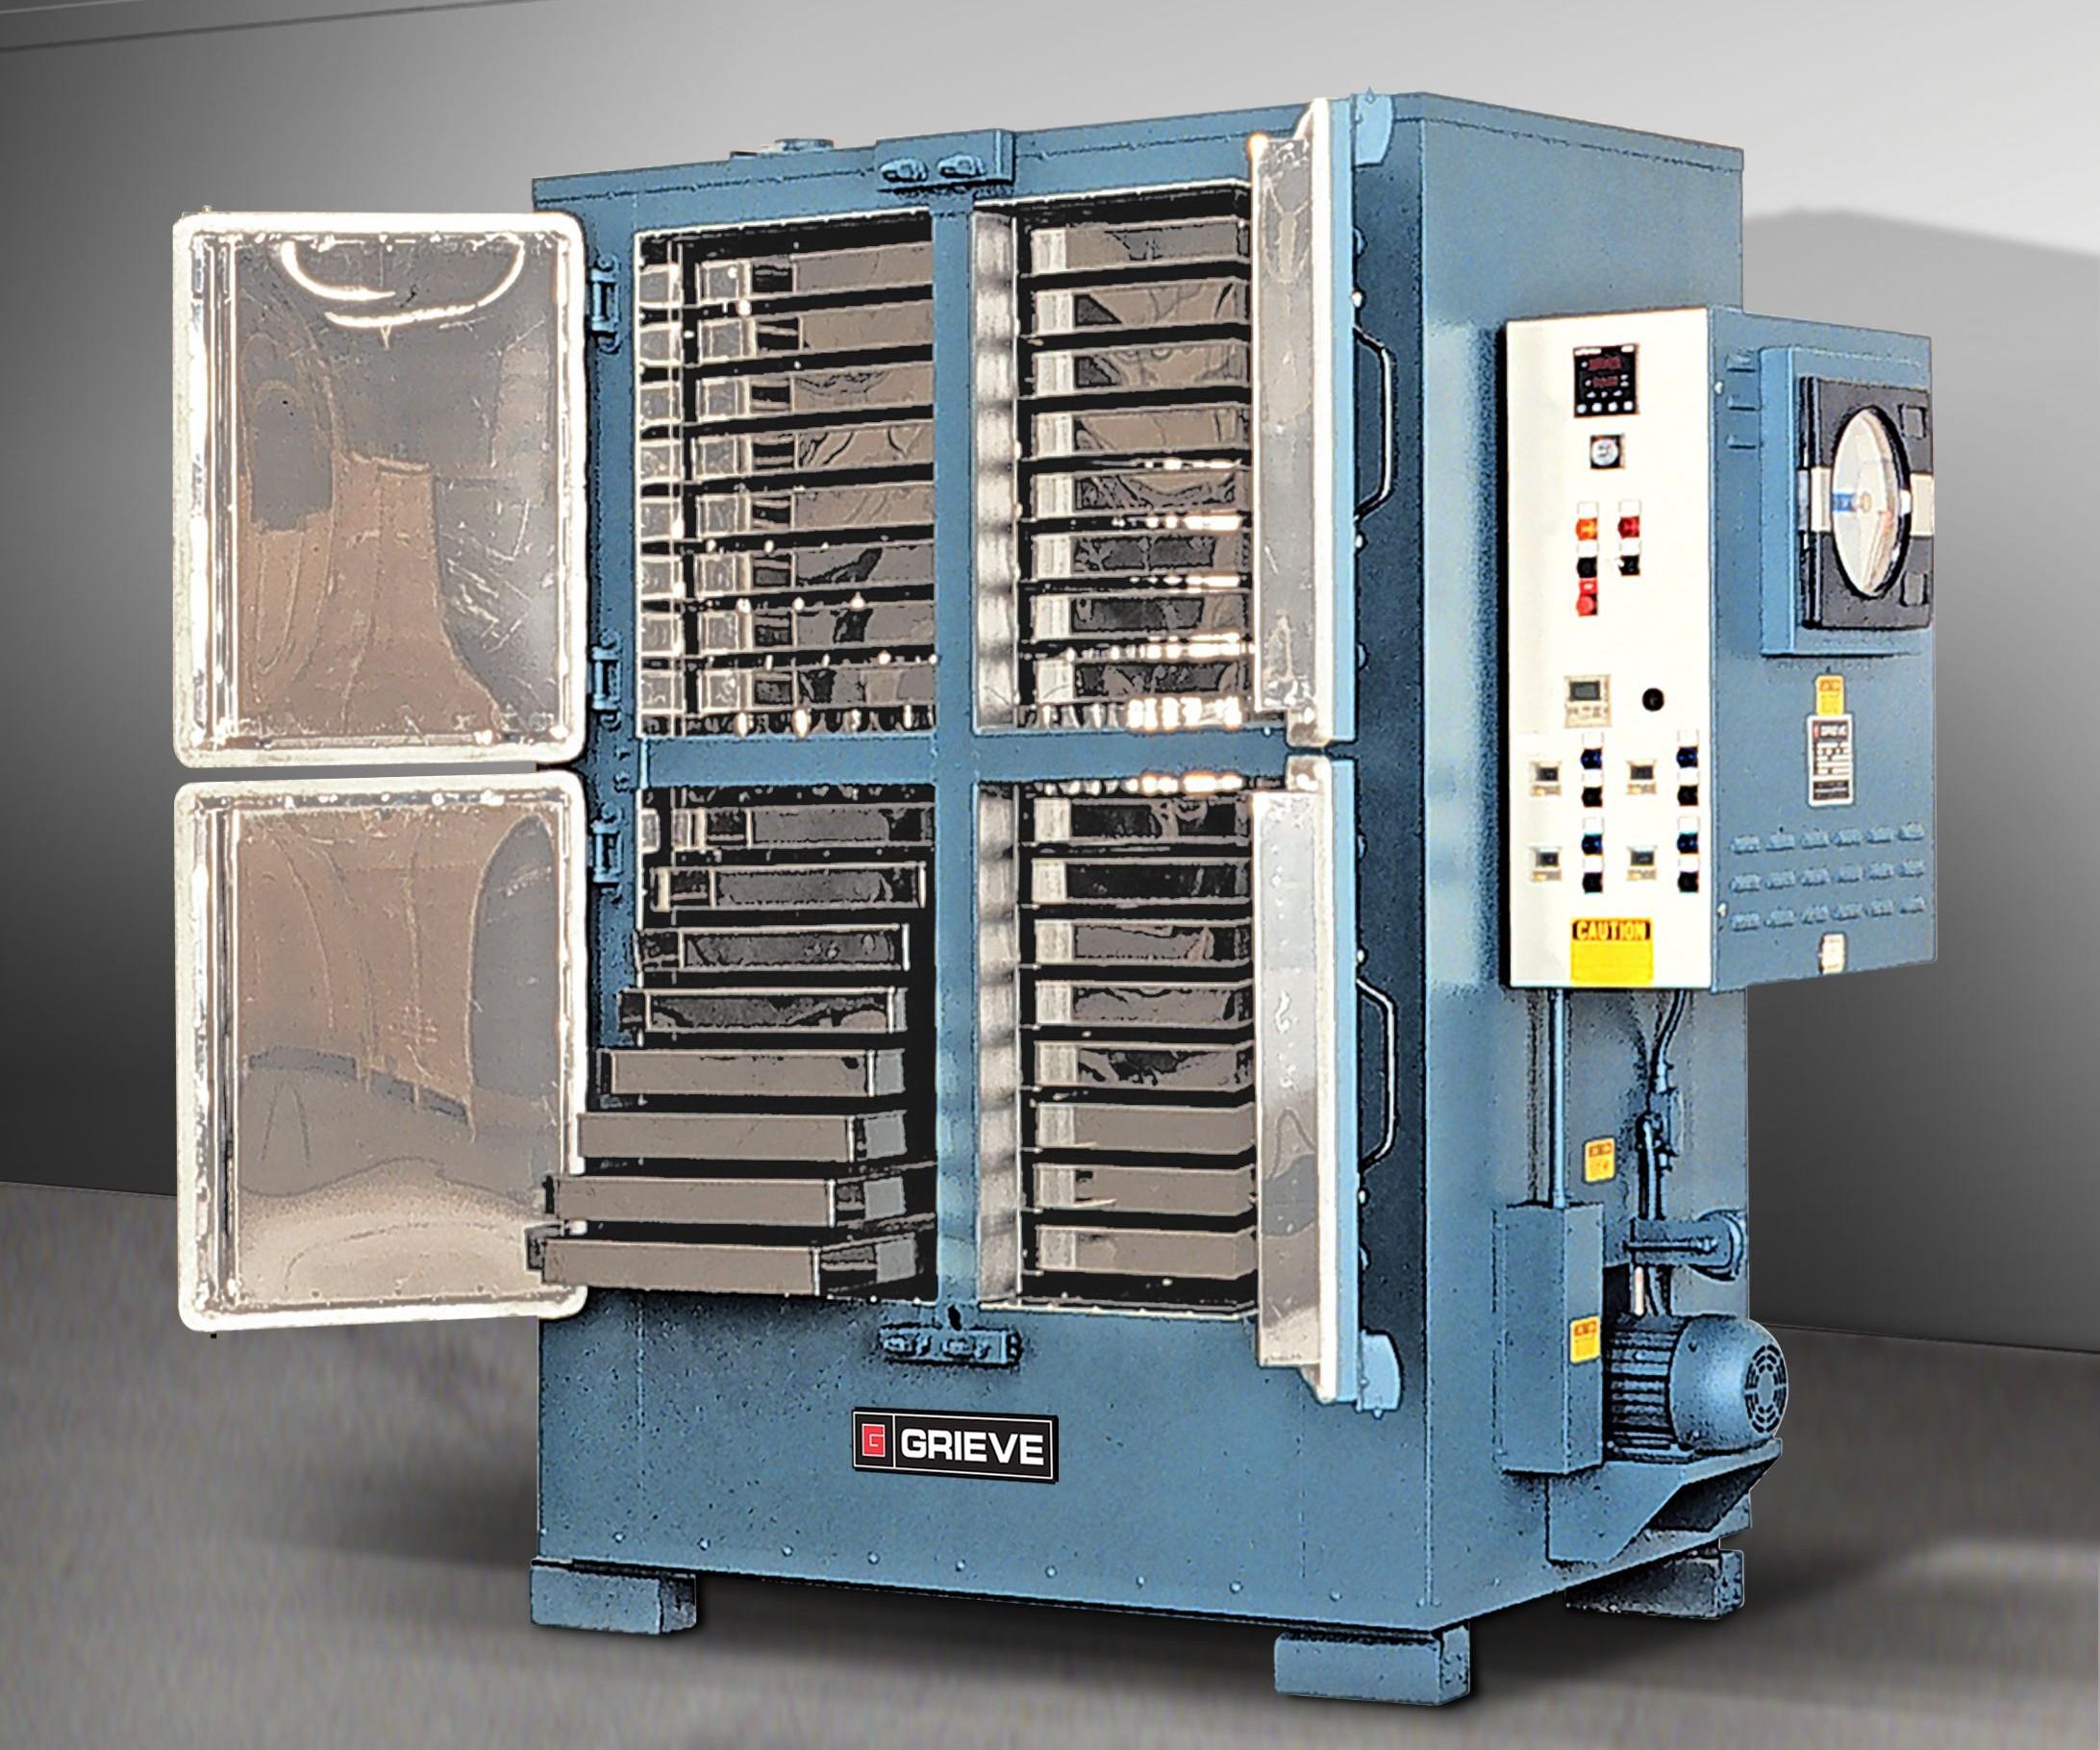 Grieve No. 895 shelf oven